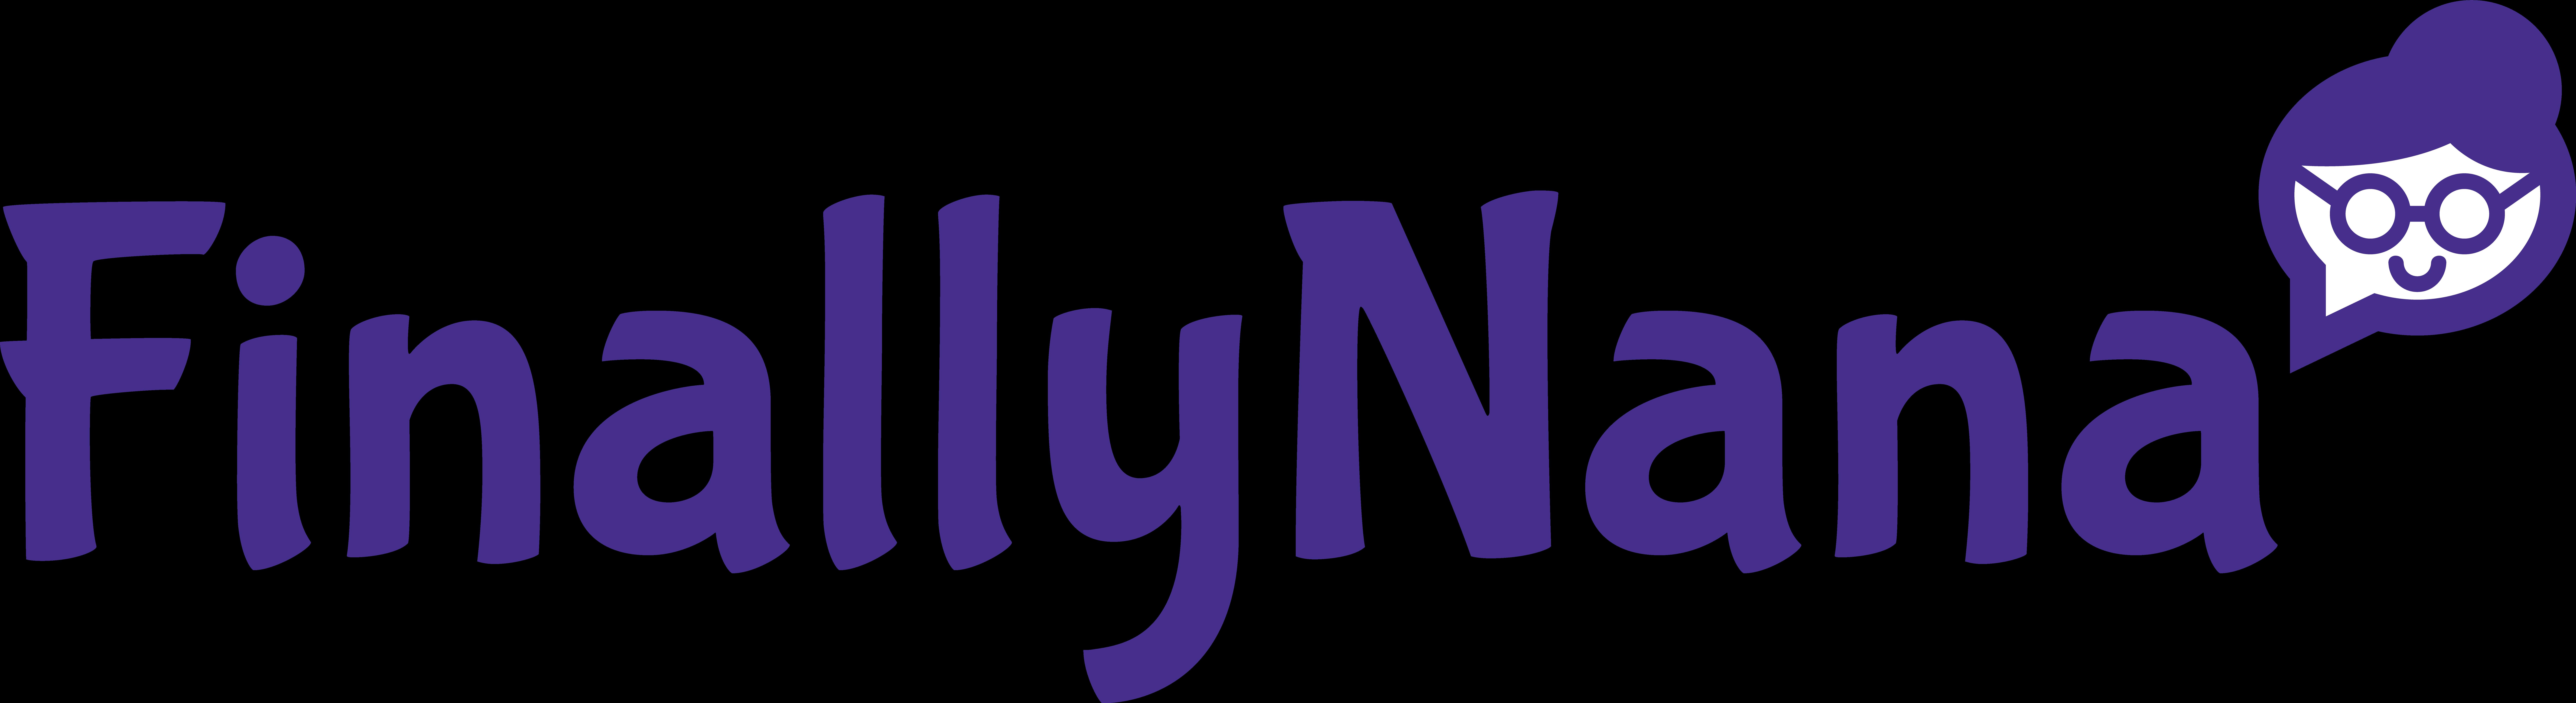 FInallyNana Logotype